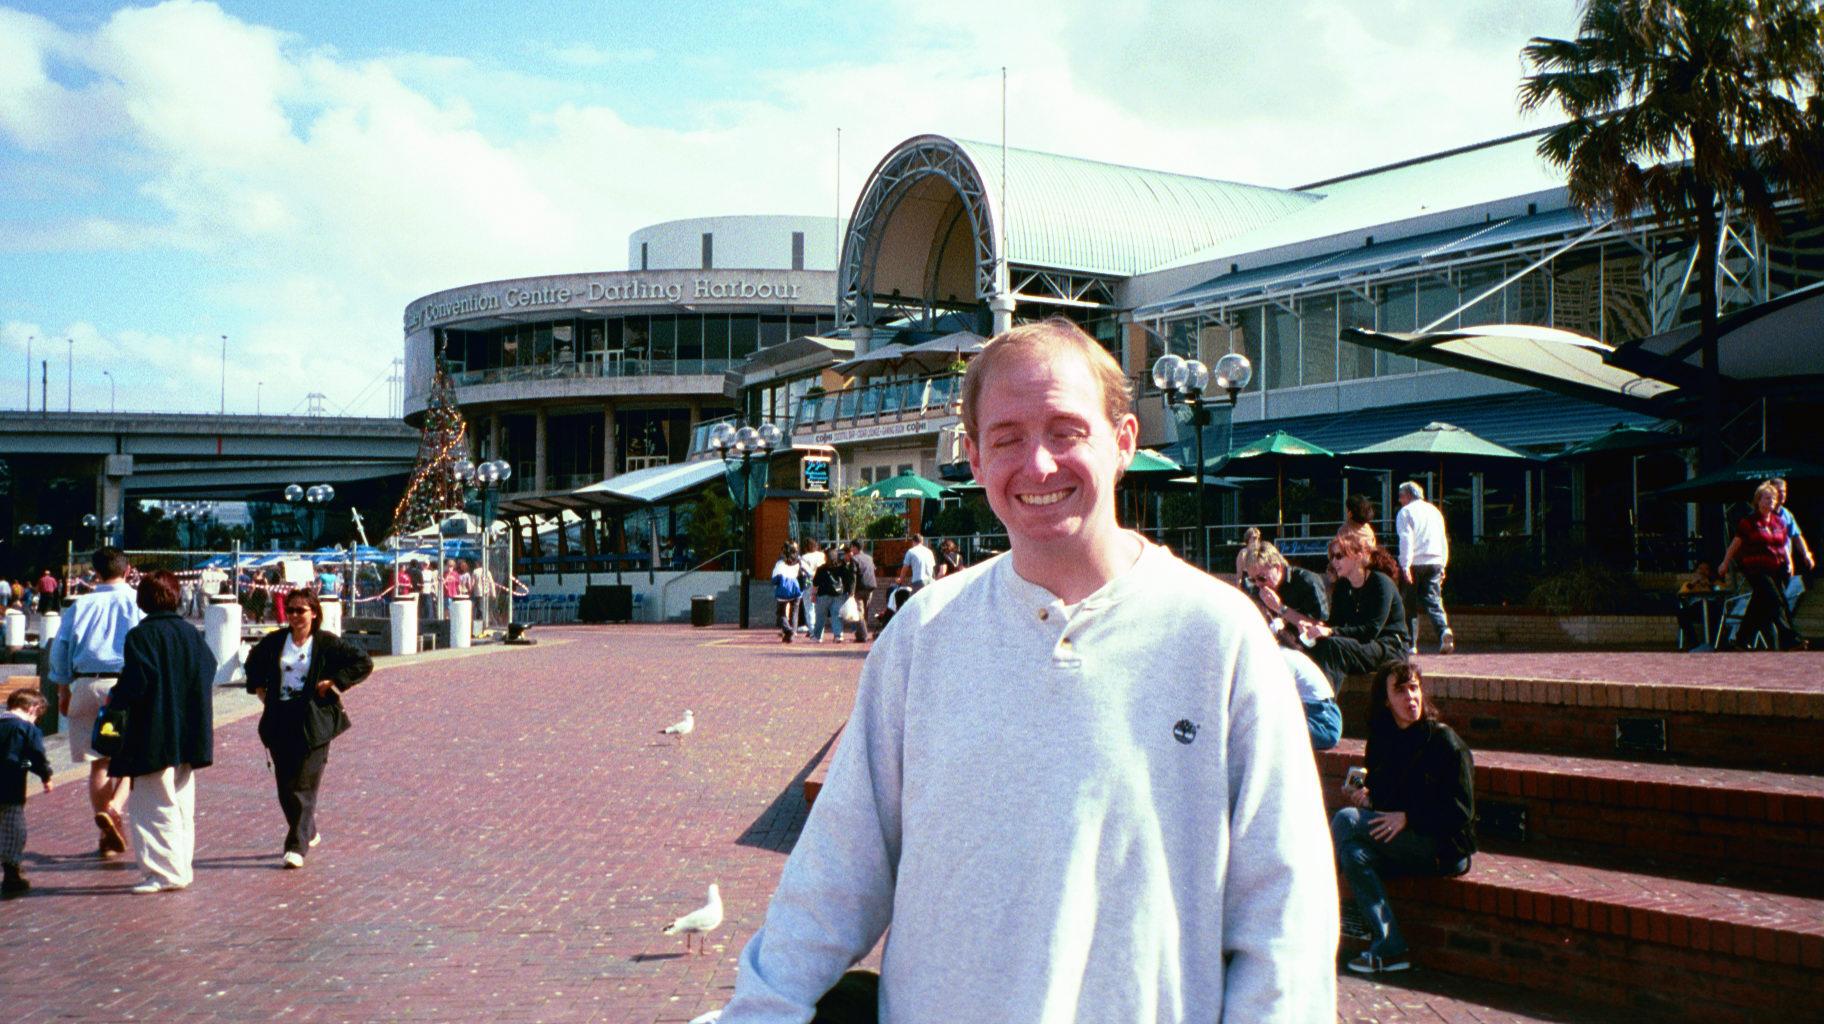 Dork at Darling Harbour